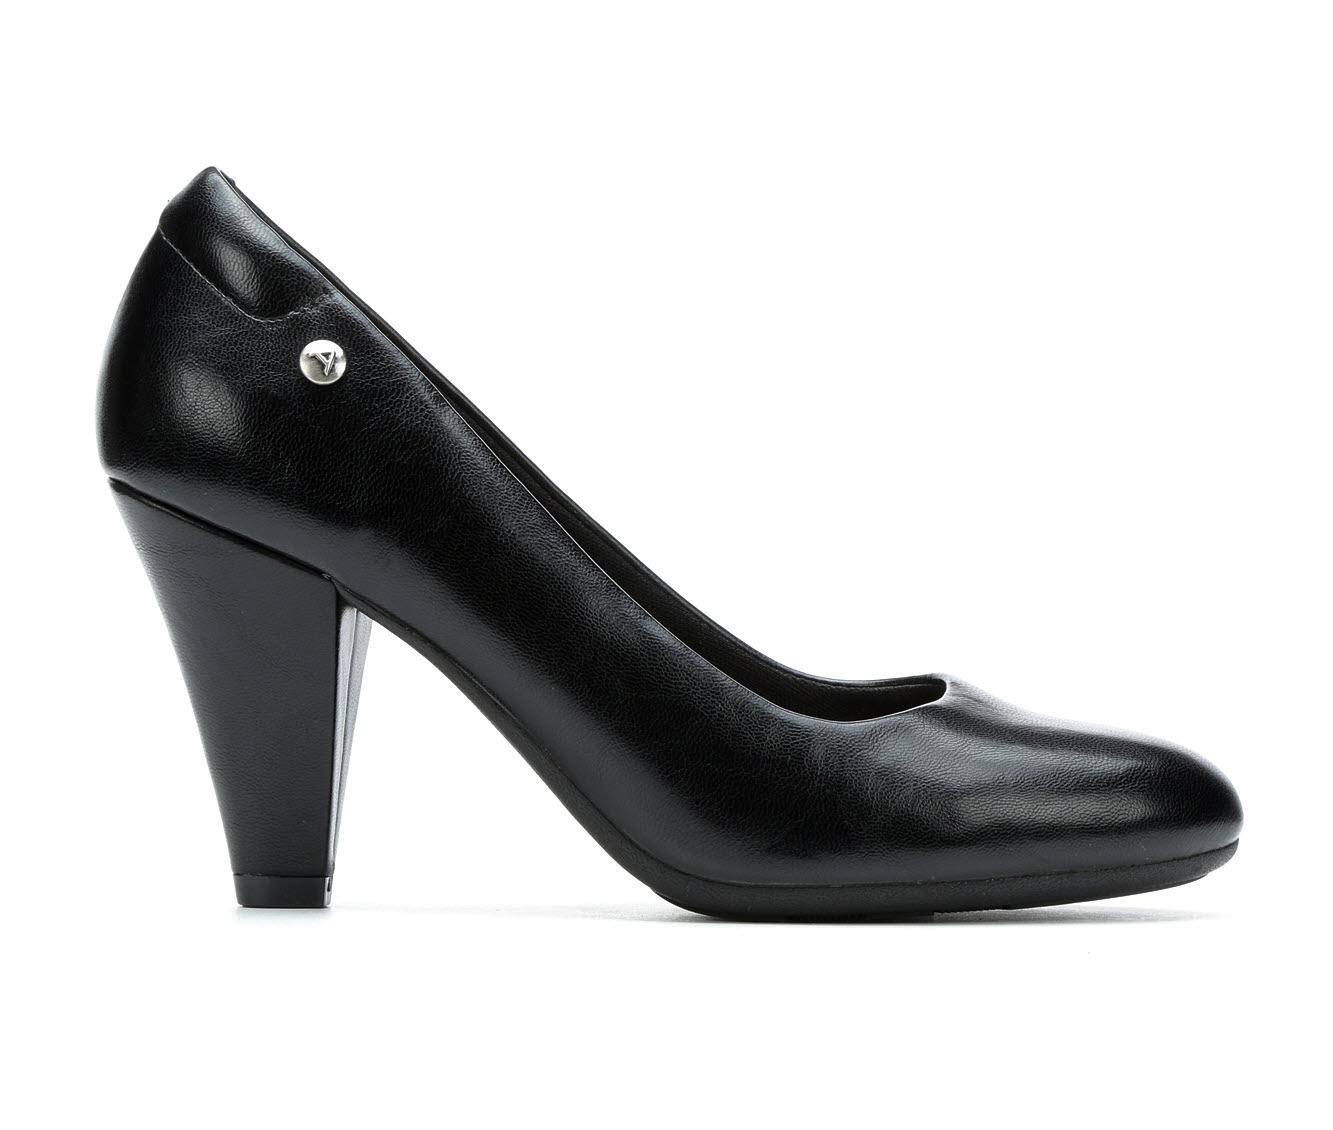 Andiamo Mellie Women's Dress Shoe (Black Faux Leather)